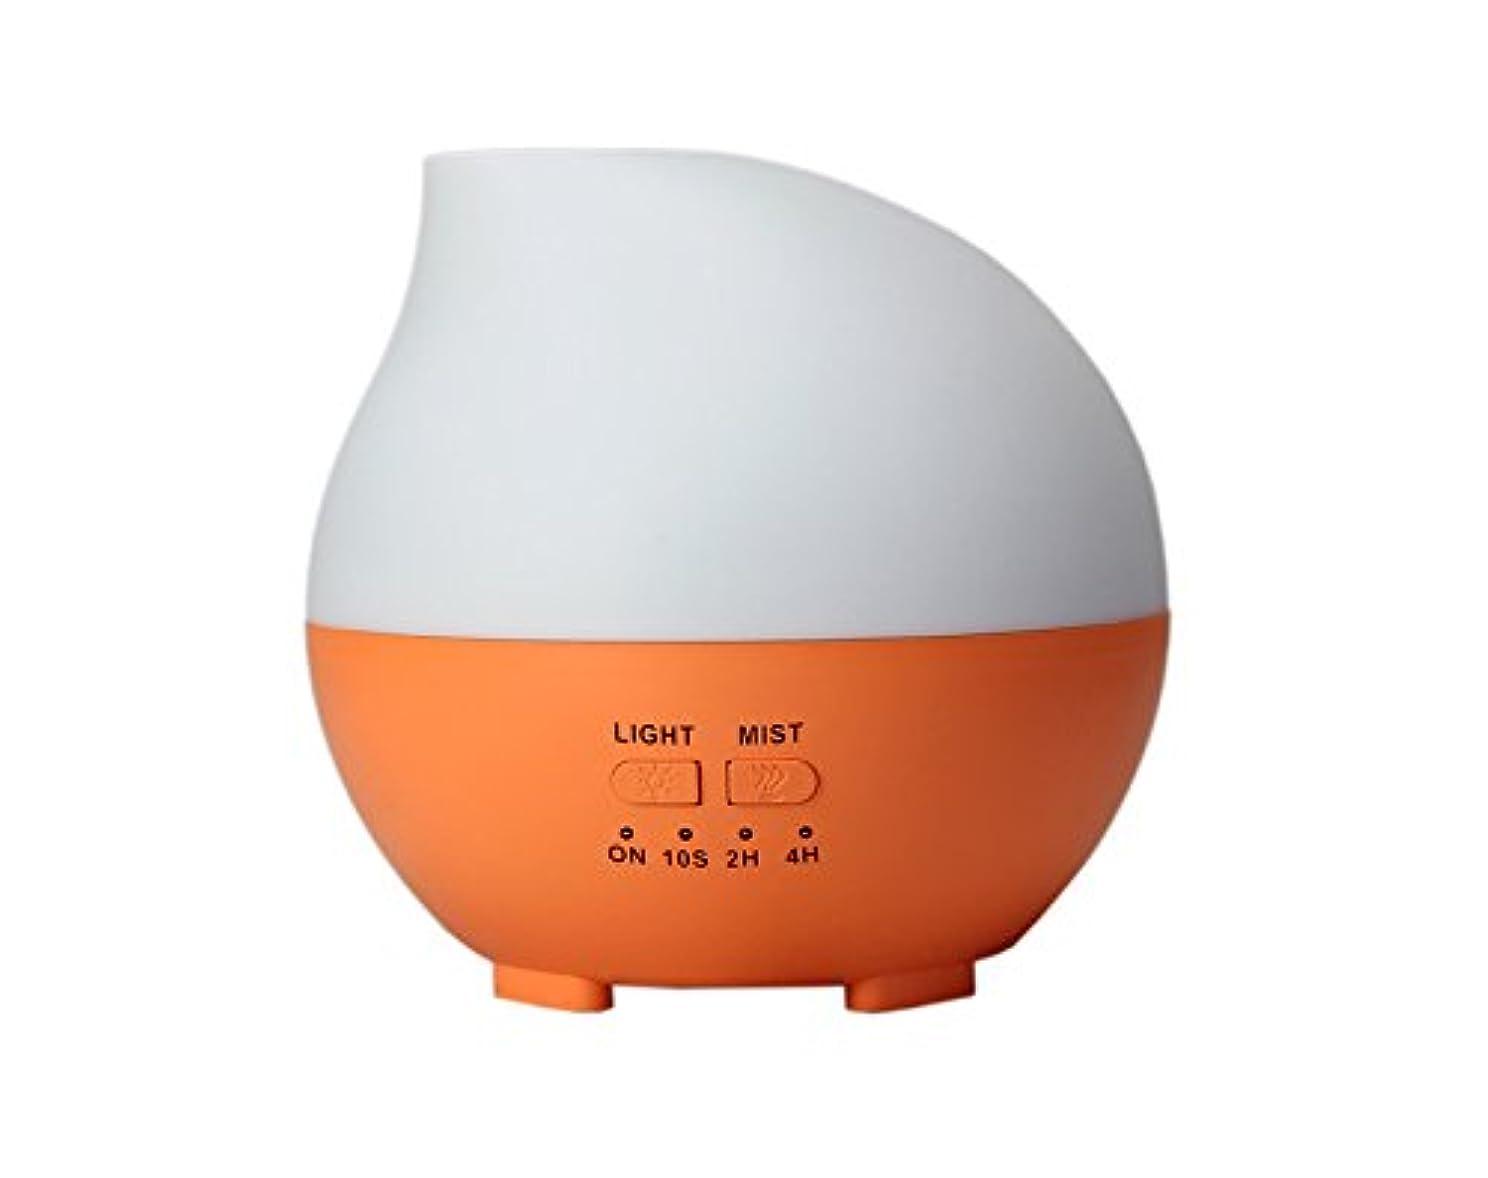 スキャンダラス見落とすドアLIBESON 加湿器 卓上 超音波 静音大容量 アロマディフューザー コンセント差し込み式 ムードランプ シンプル ホイップ型 オレンジ